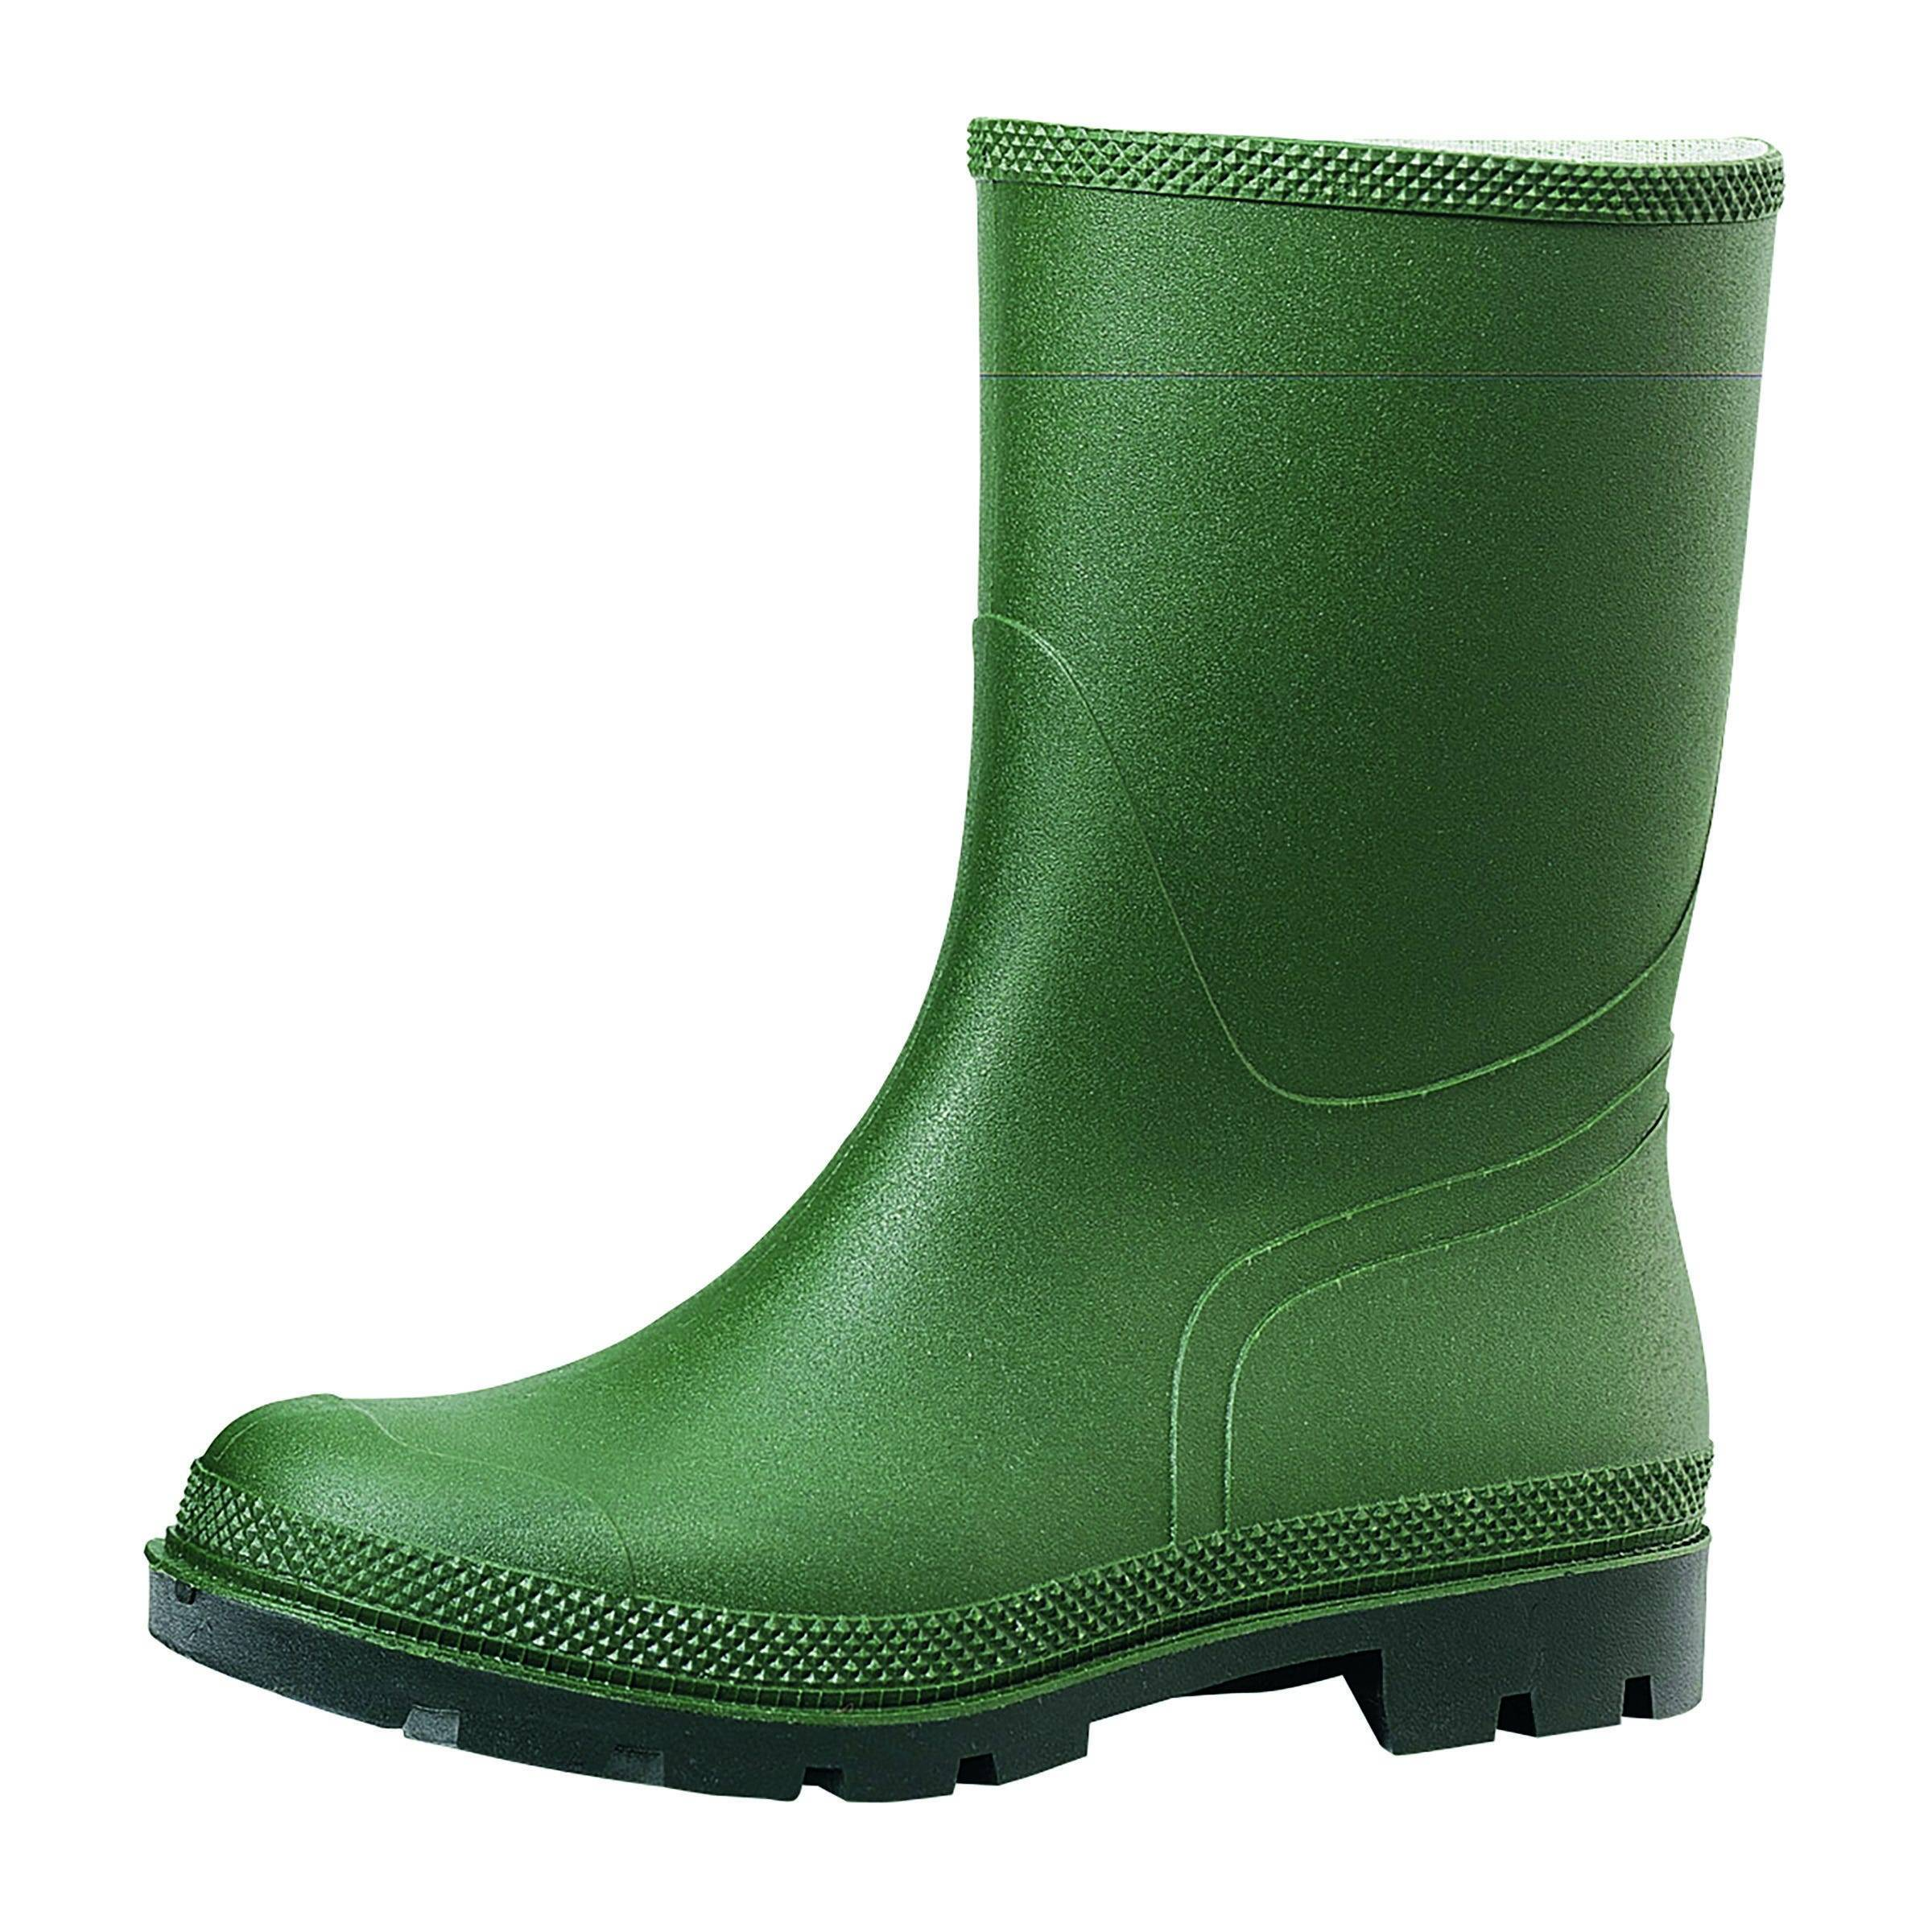 Stivale Tronchetto Pvc Misura 38 Boots Company